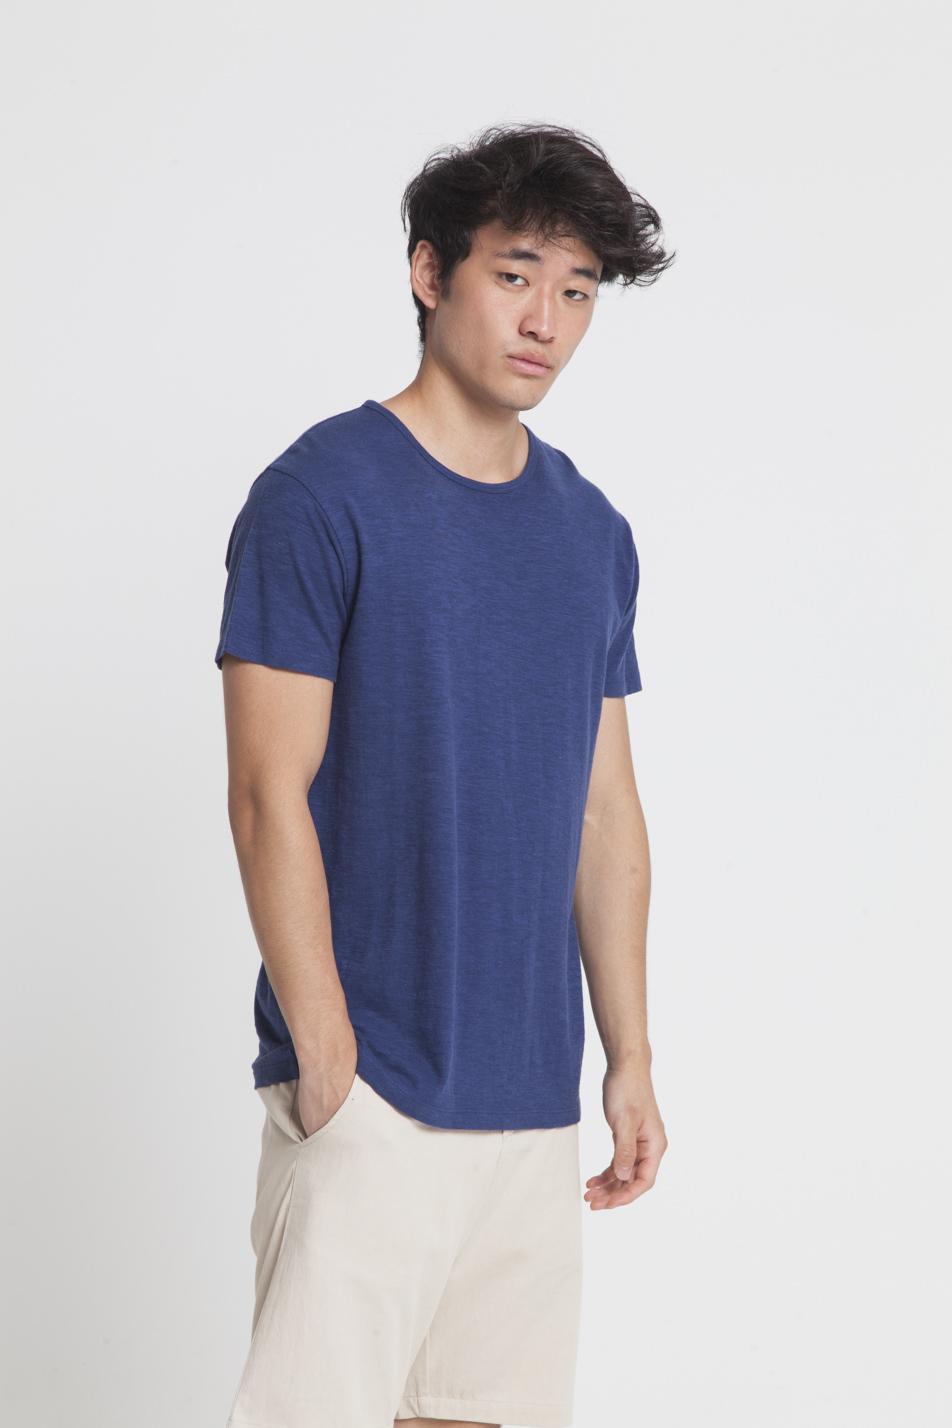 T-shirt en chanvre et coton bio pour homme